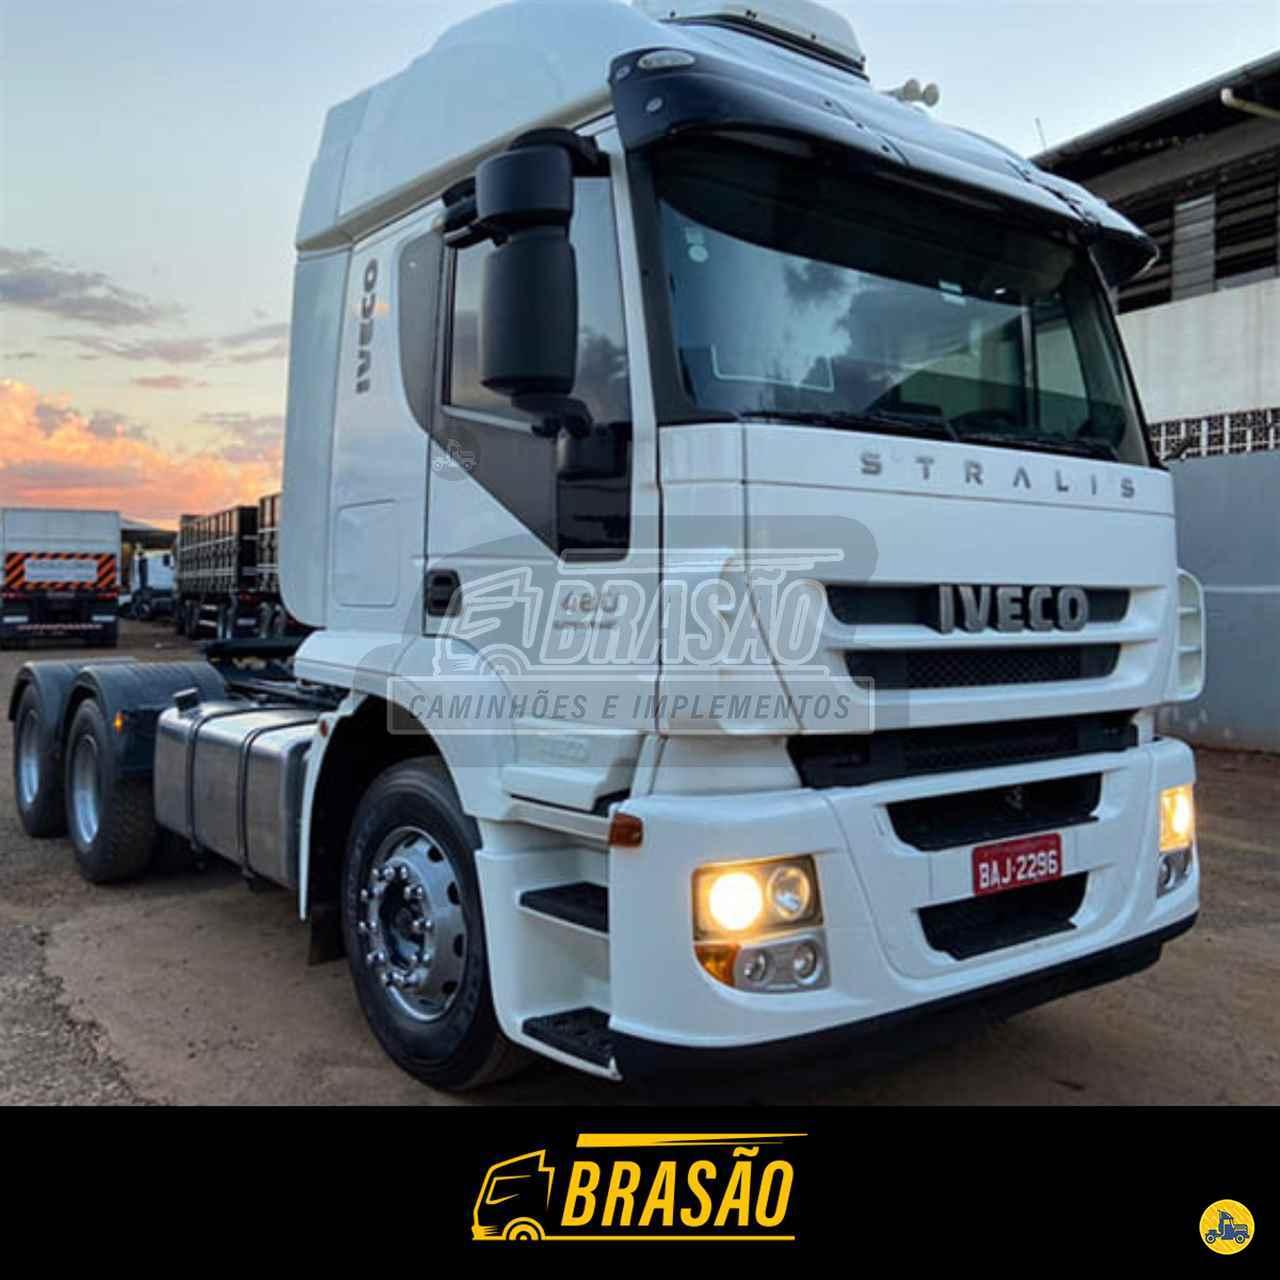 CAMINHAO IVECO STRALIS 480 Chassis Traçado 6x4 Brasão Caminhões e Veículos CAMBE PARANÁ PR